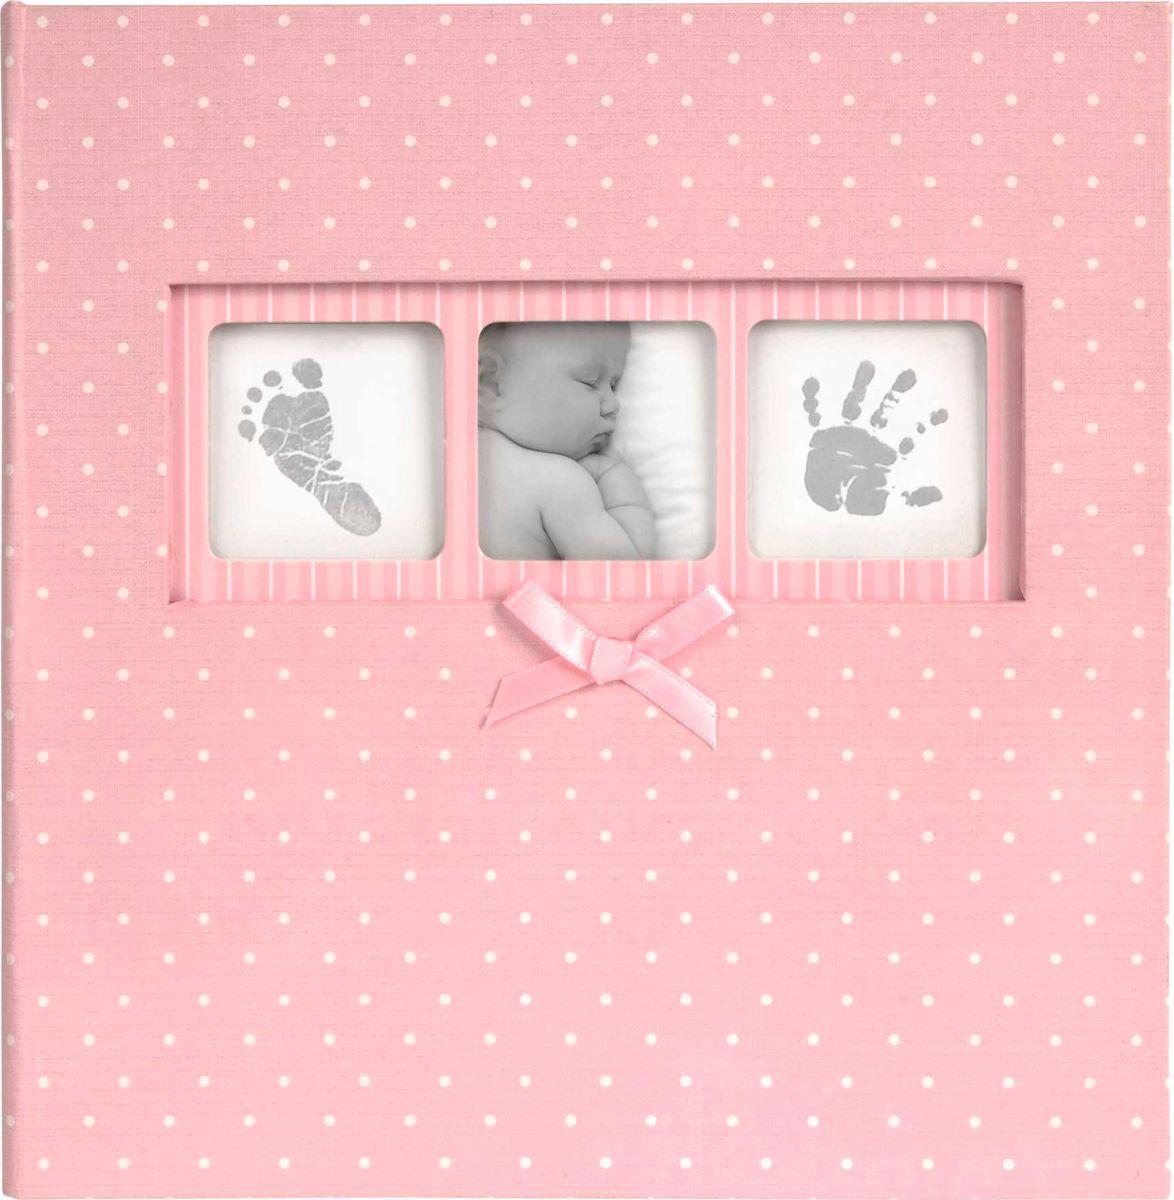 Фотоальбом Innova Baby Polka Dot Pink Memo, цвет: розовый, 200 фотографий, 10 x 15 см фотоальбом platinum винтаж 2 300 фотографий 10 х 15 см